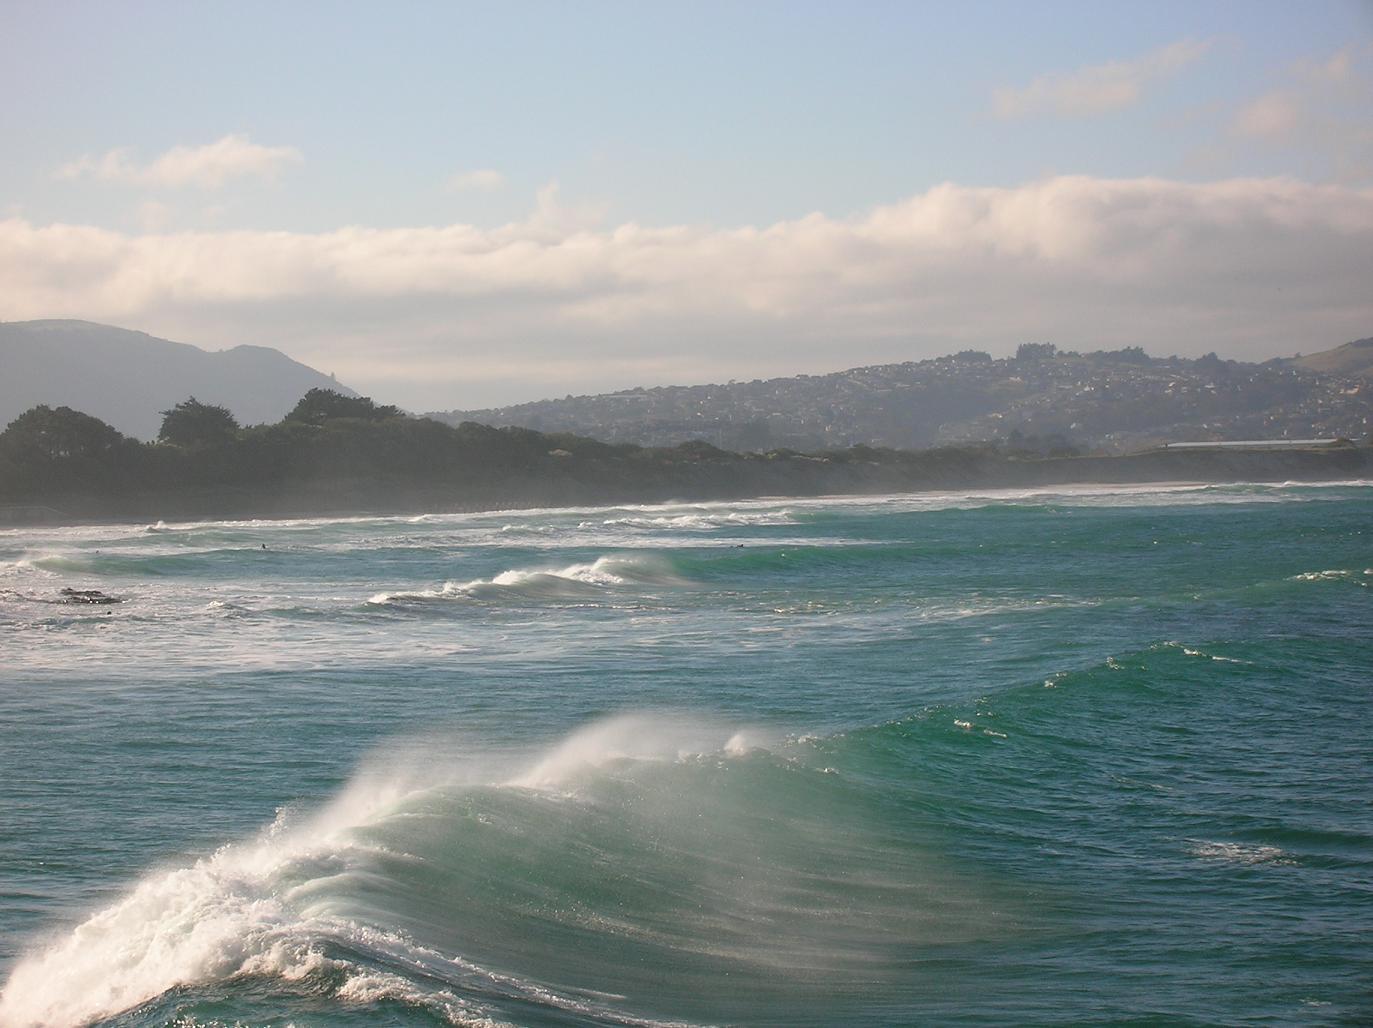 Ist das die perfekte Welle? Immerhin war Juli!